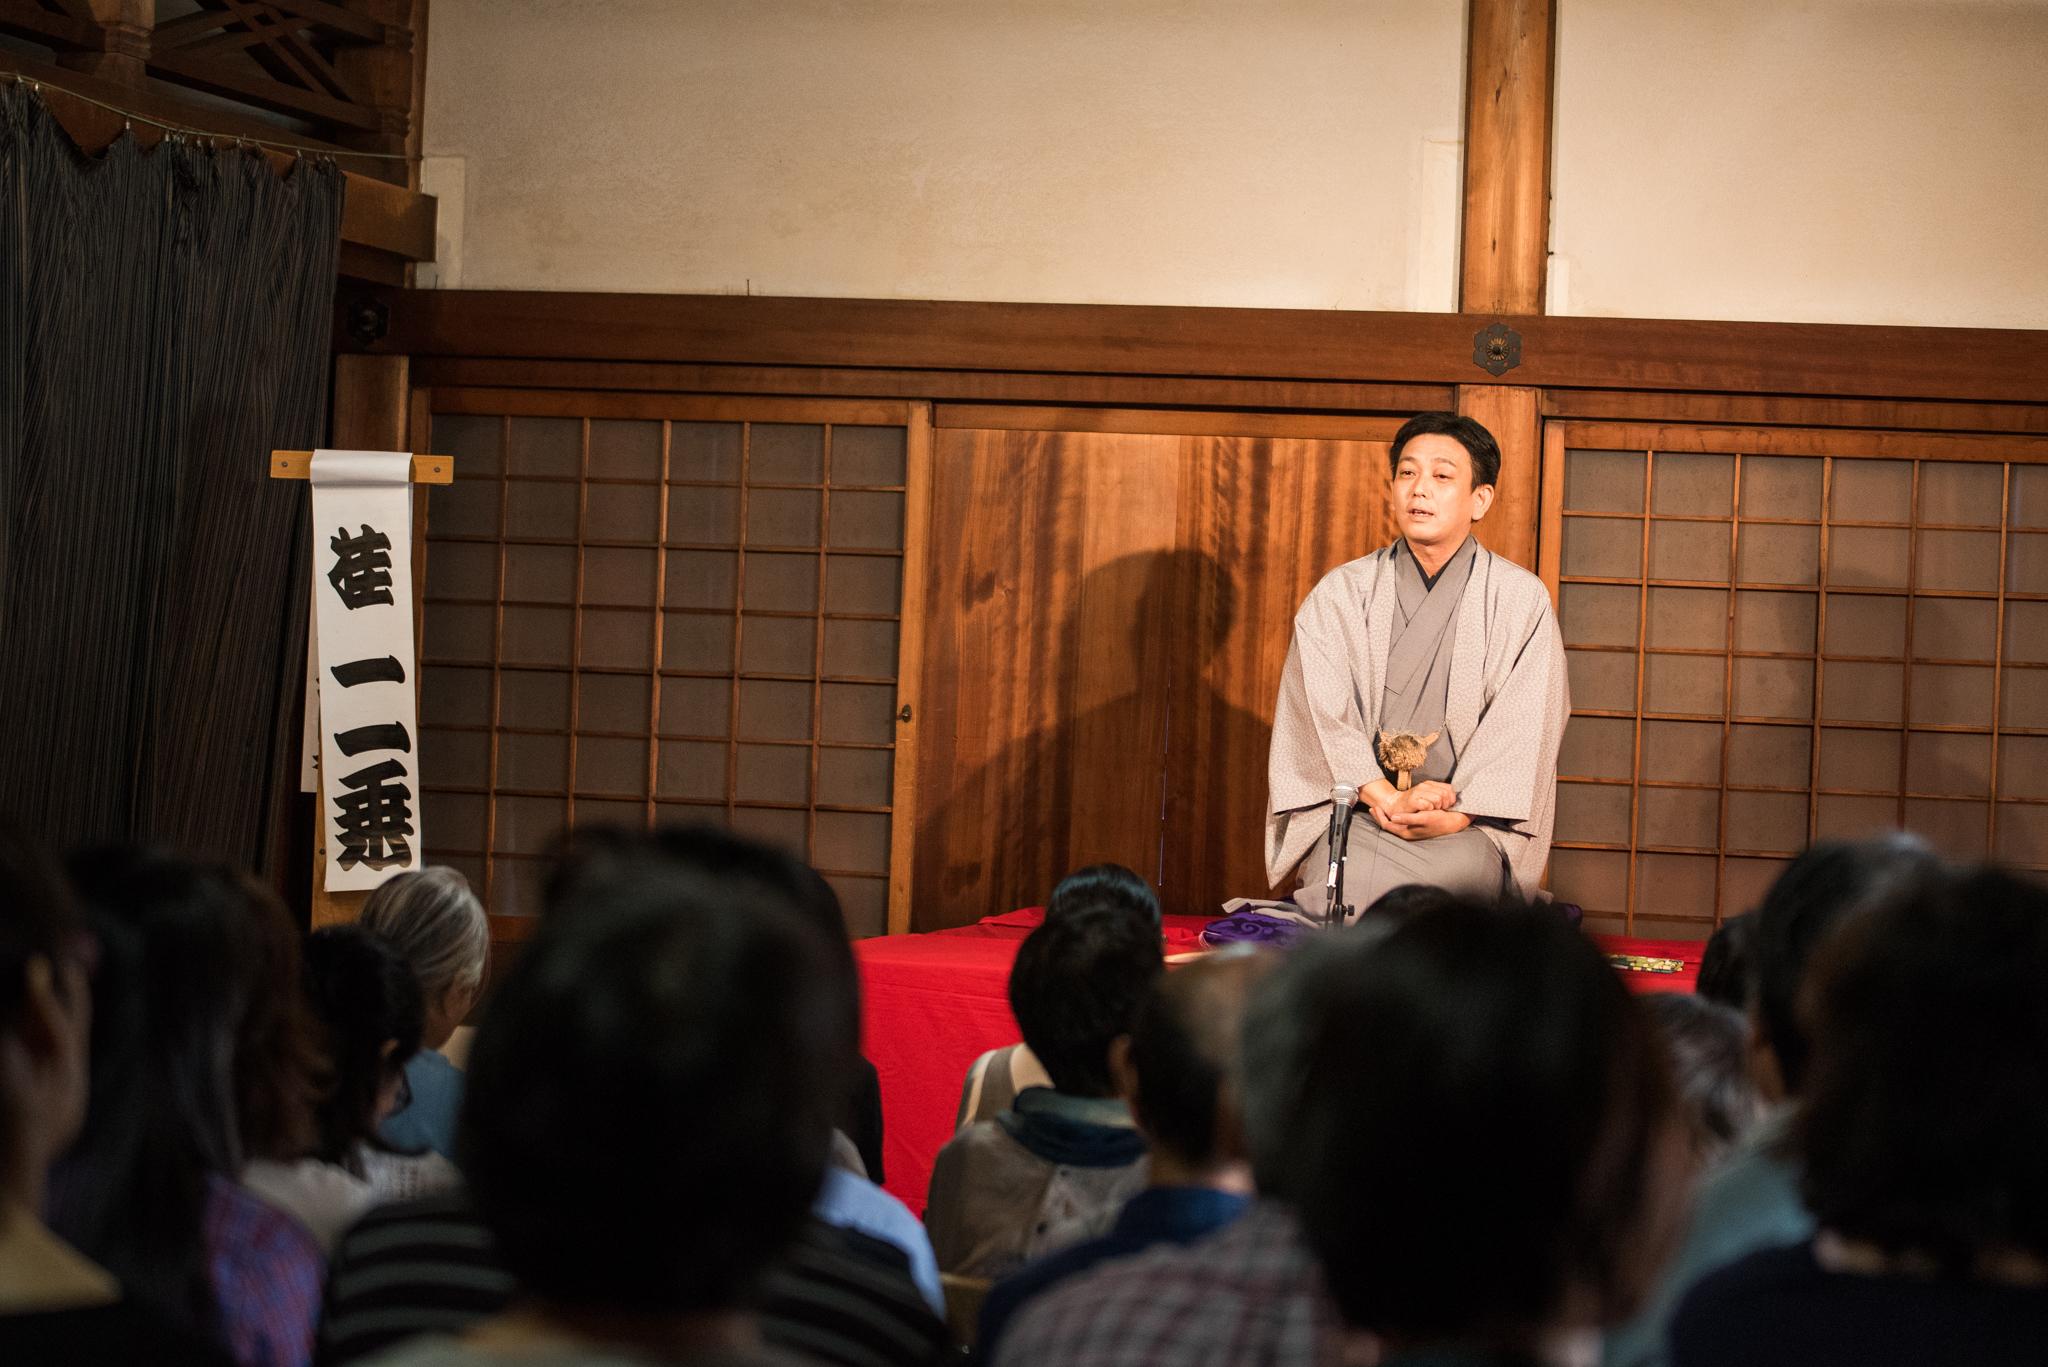 芸名の「二乗」は京都の「二条」にちなんだもの。